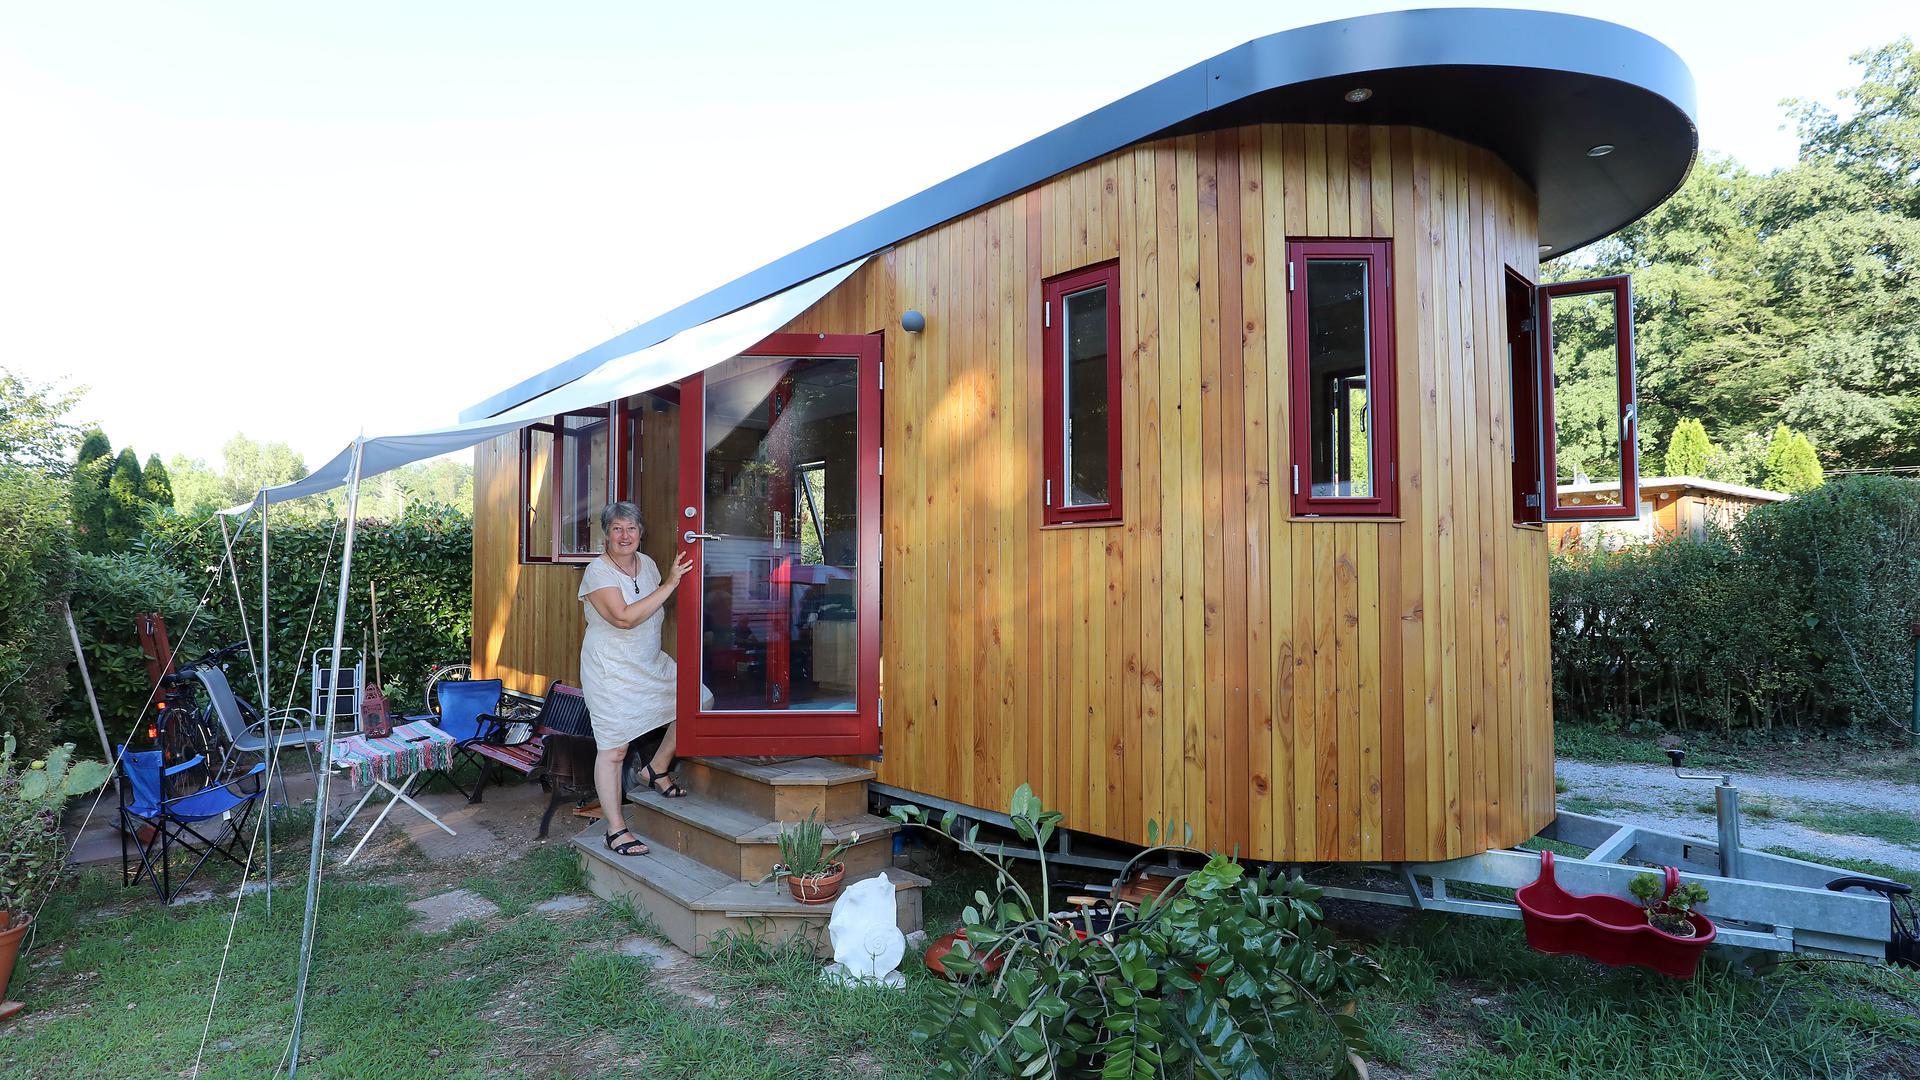 Runde Sache: Gudruns Tiny House sticht besonders durch die abgerundete Front hervor.